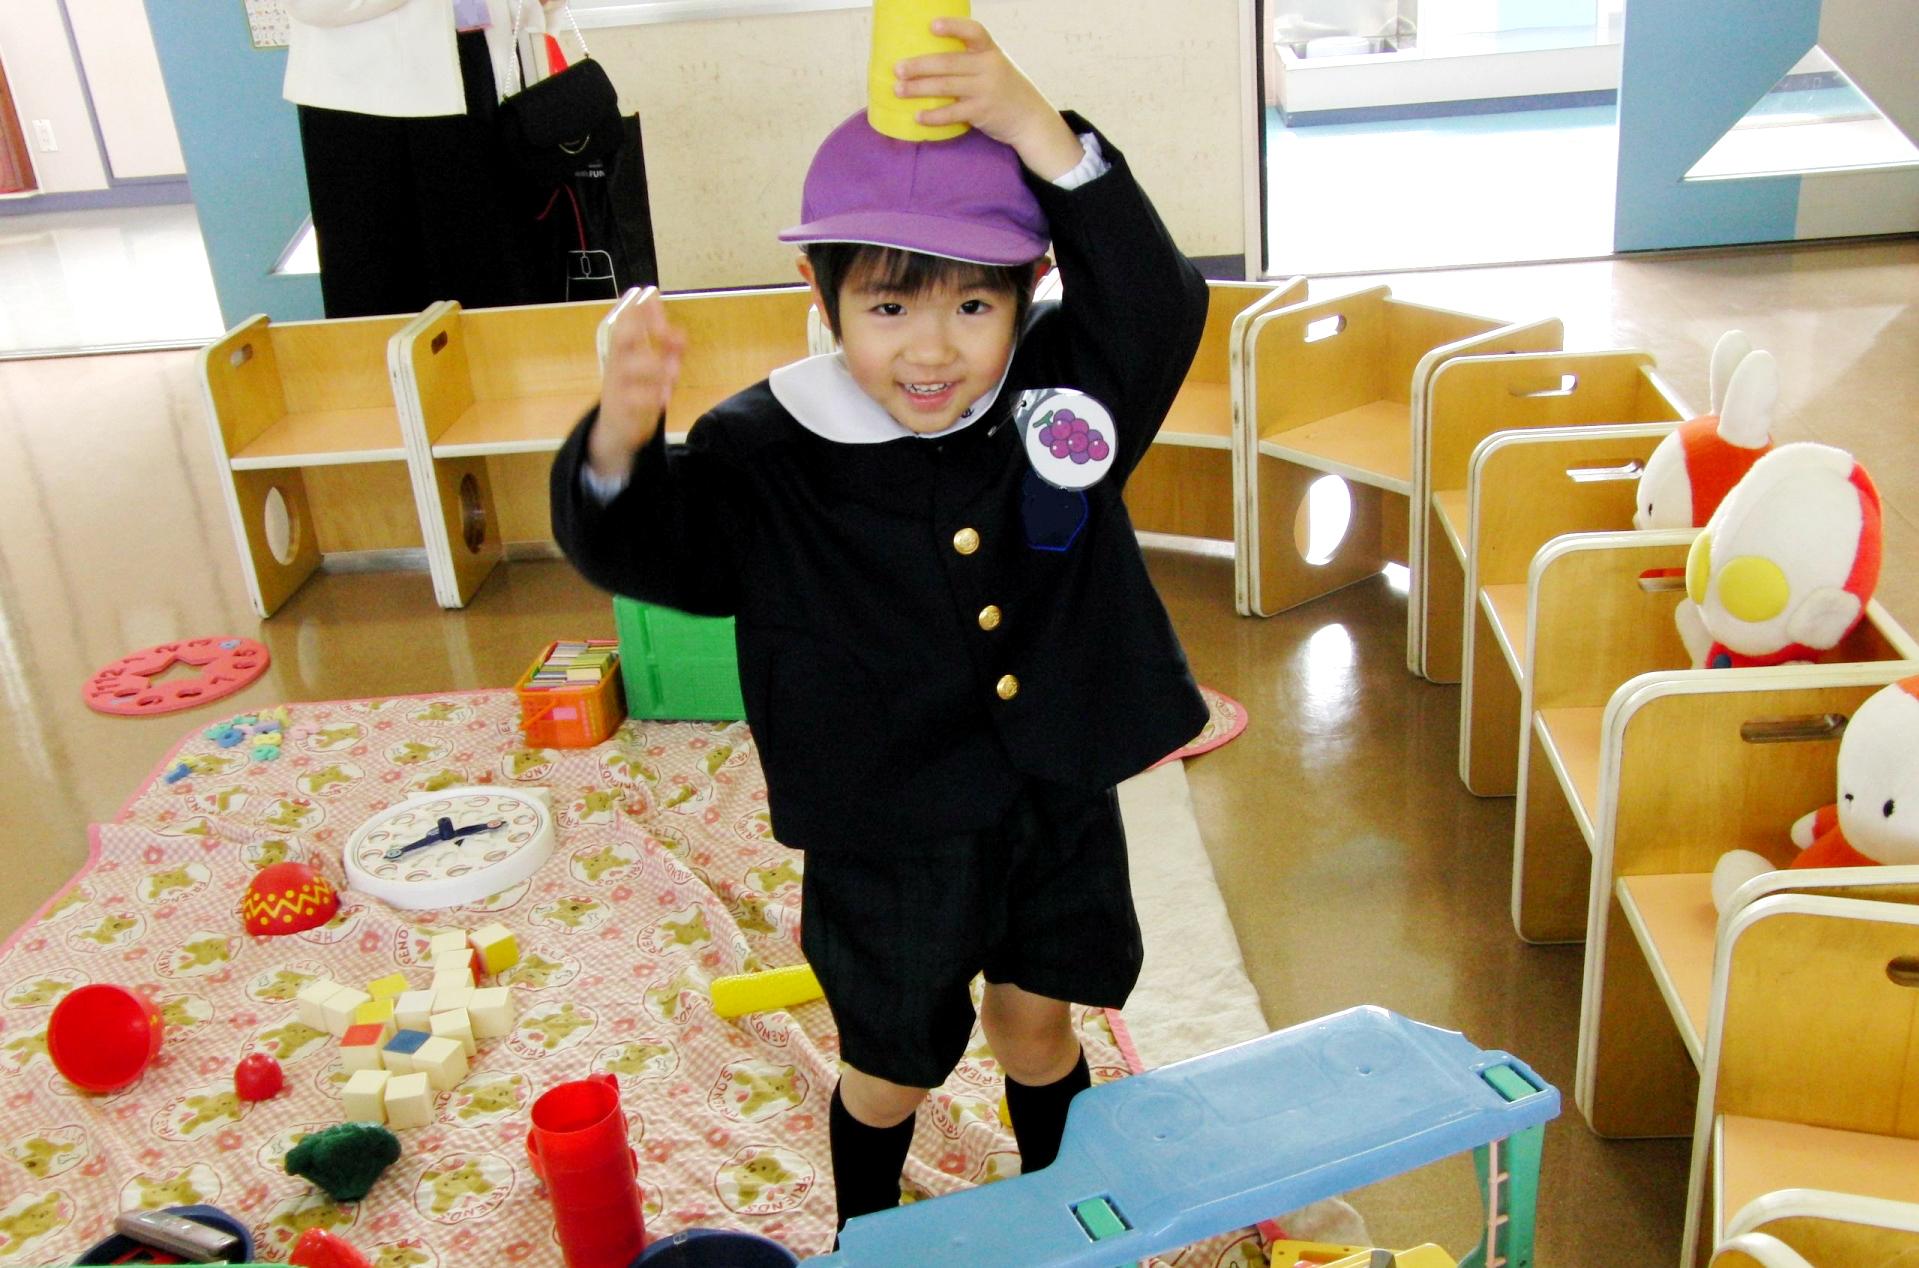 元幼稚園教諭が教える!子どもが主役の幼稚園の選び方のポイント③-幼稚園によって異なる一学級の子どもの人数